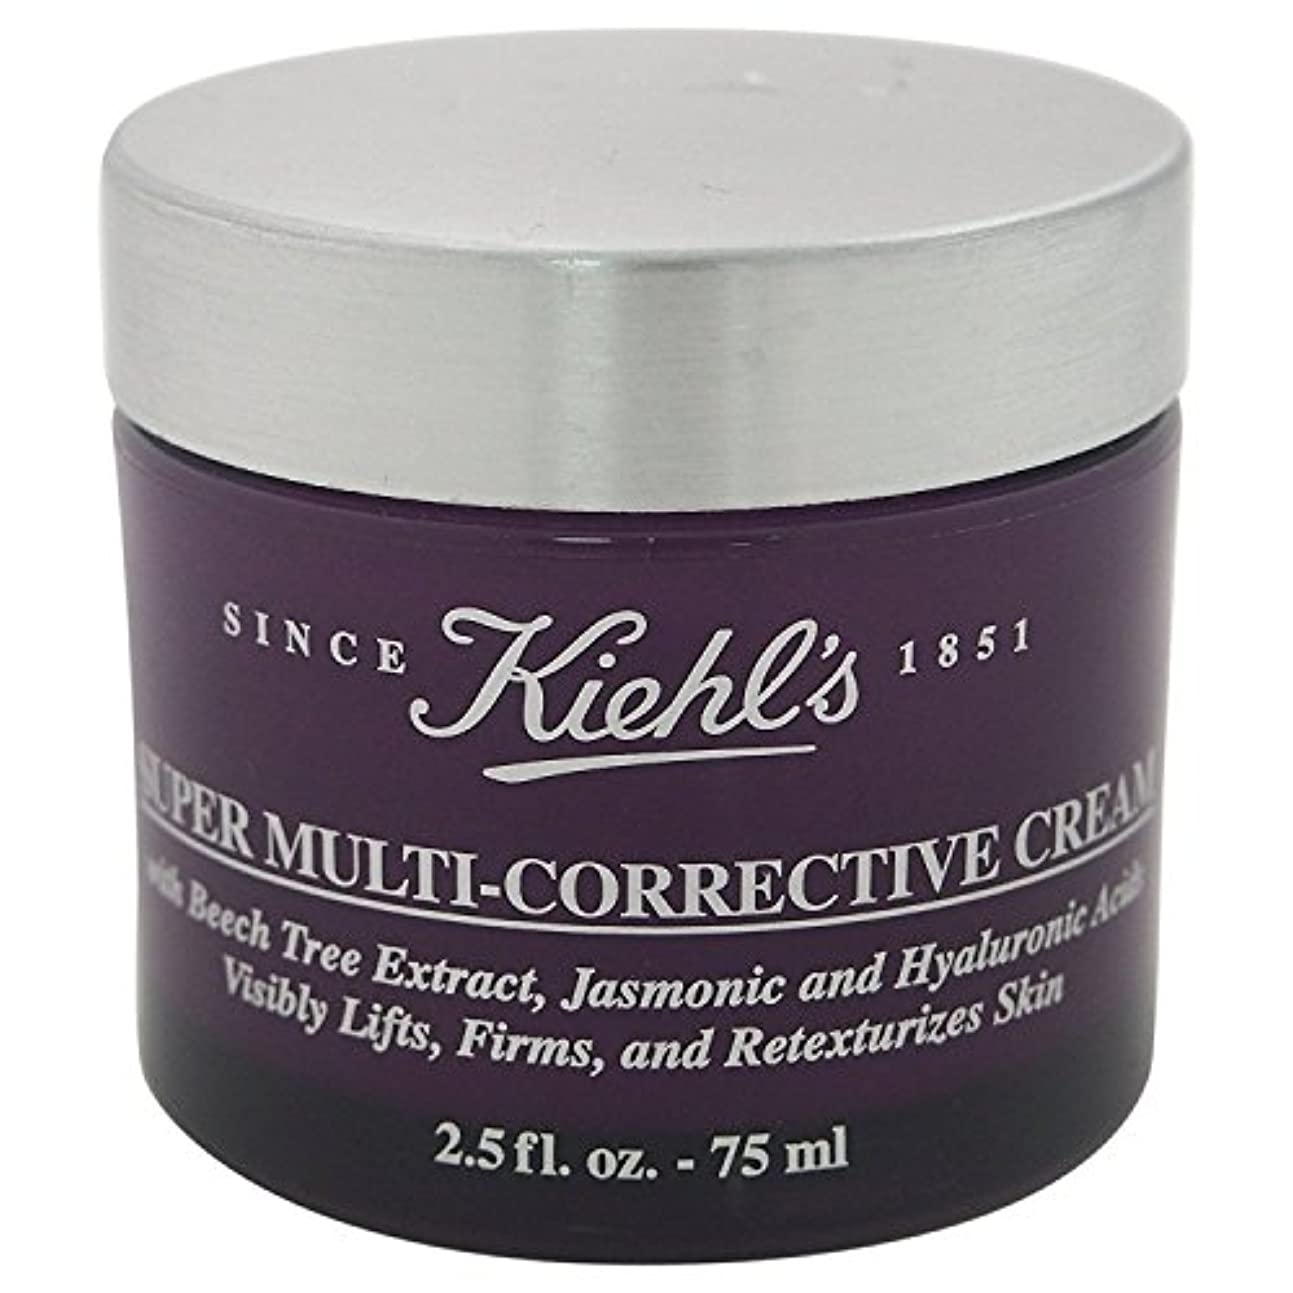 メディカル実験反乱キールズ(Kiehl's) スーパー マルチ コレクティブ クリーム 75ml[並行輸入品]